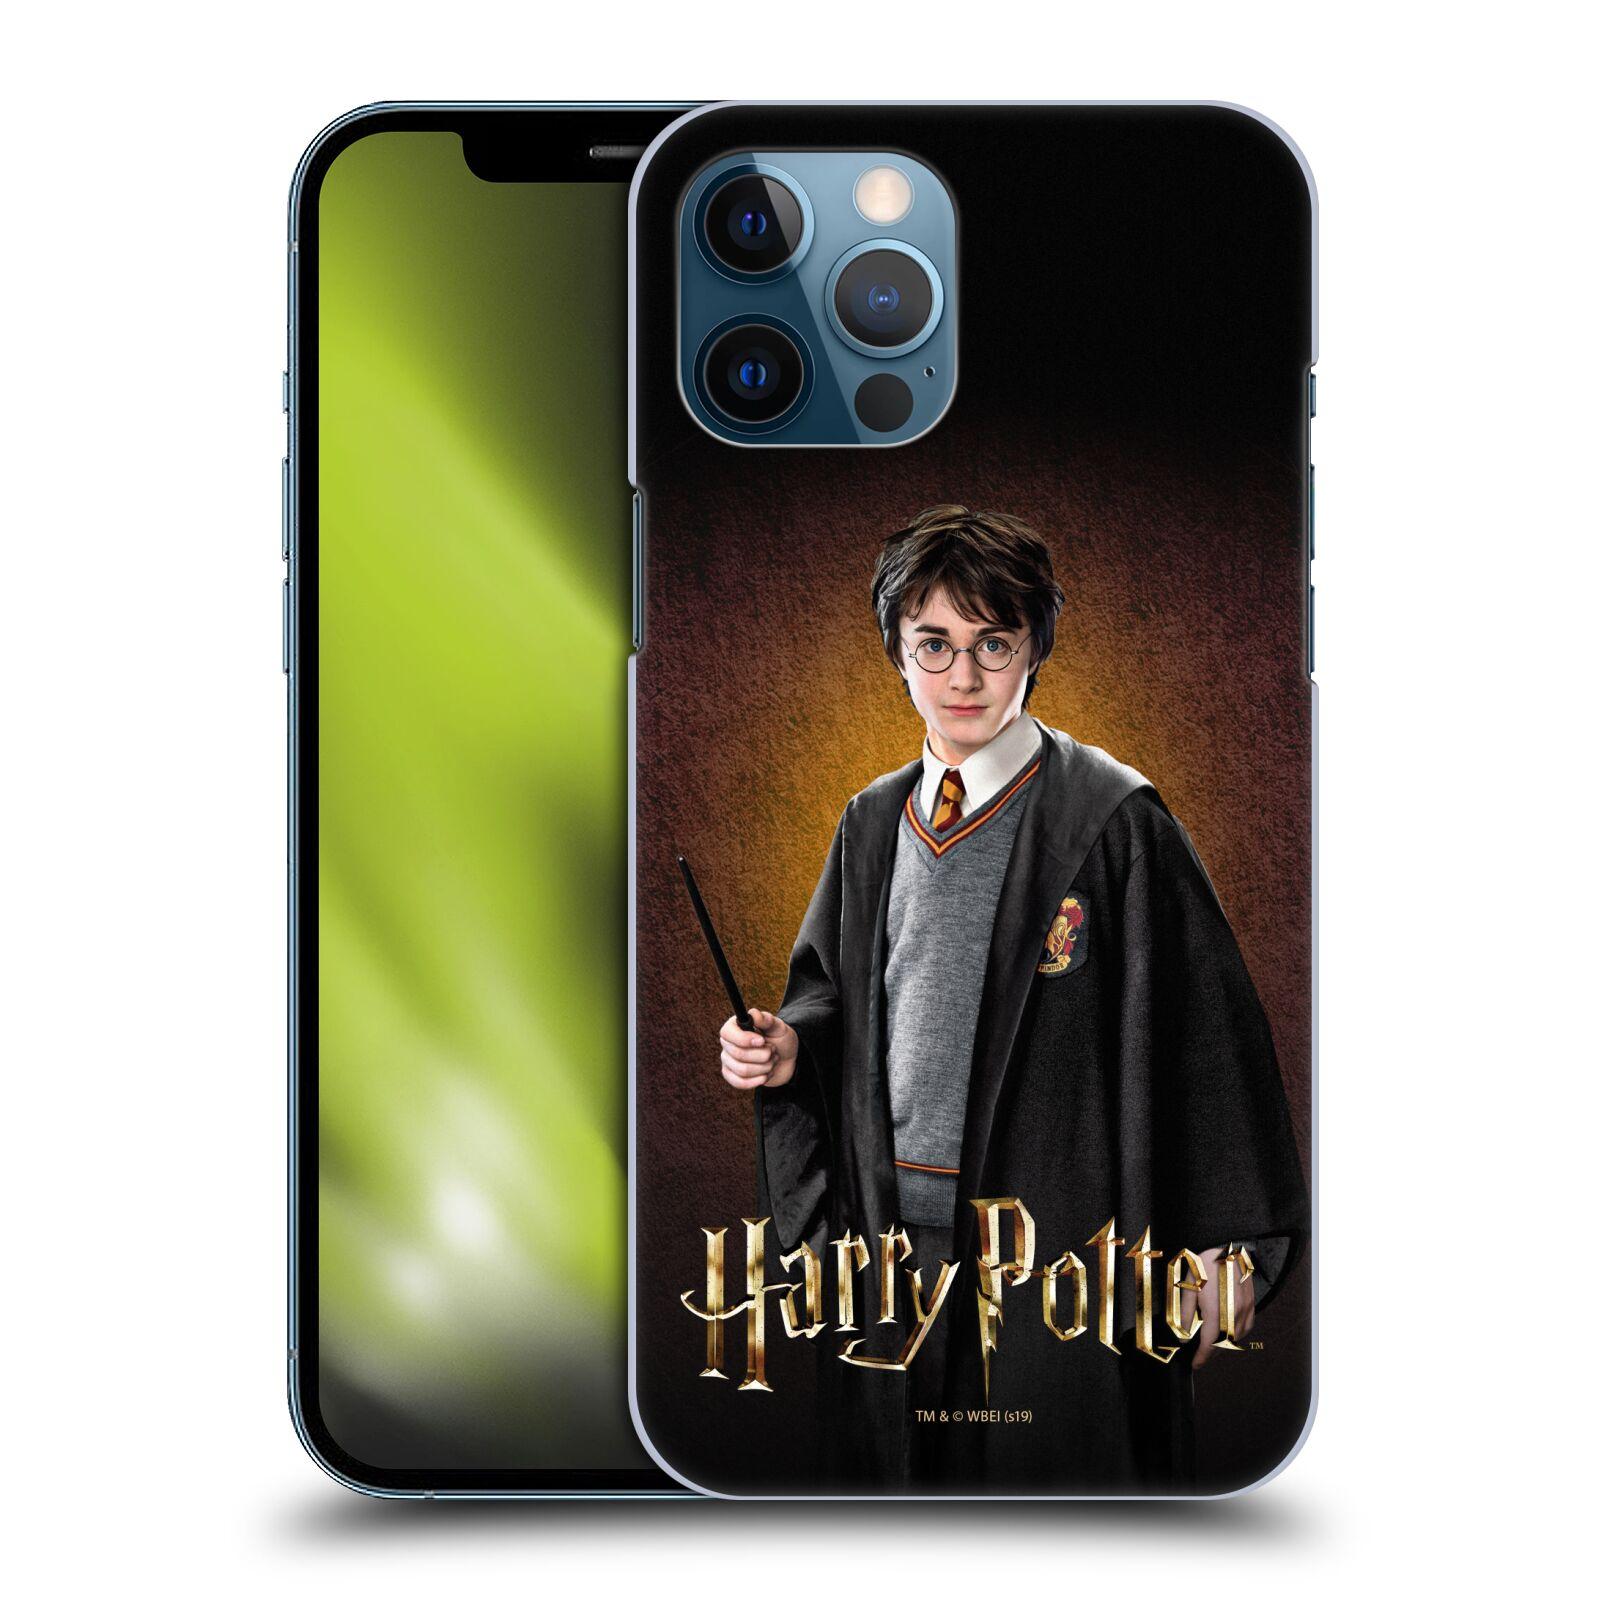 Plastové pouzdro na mobil Apple iPhone 12 Pro Max - Harry Potter - Malý Harry Potter